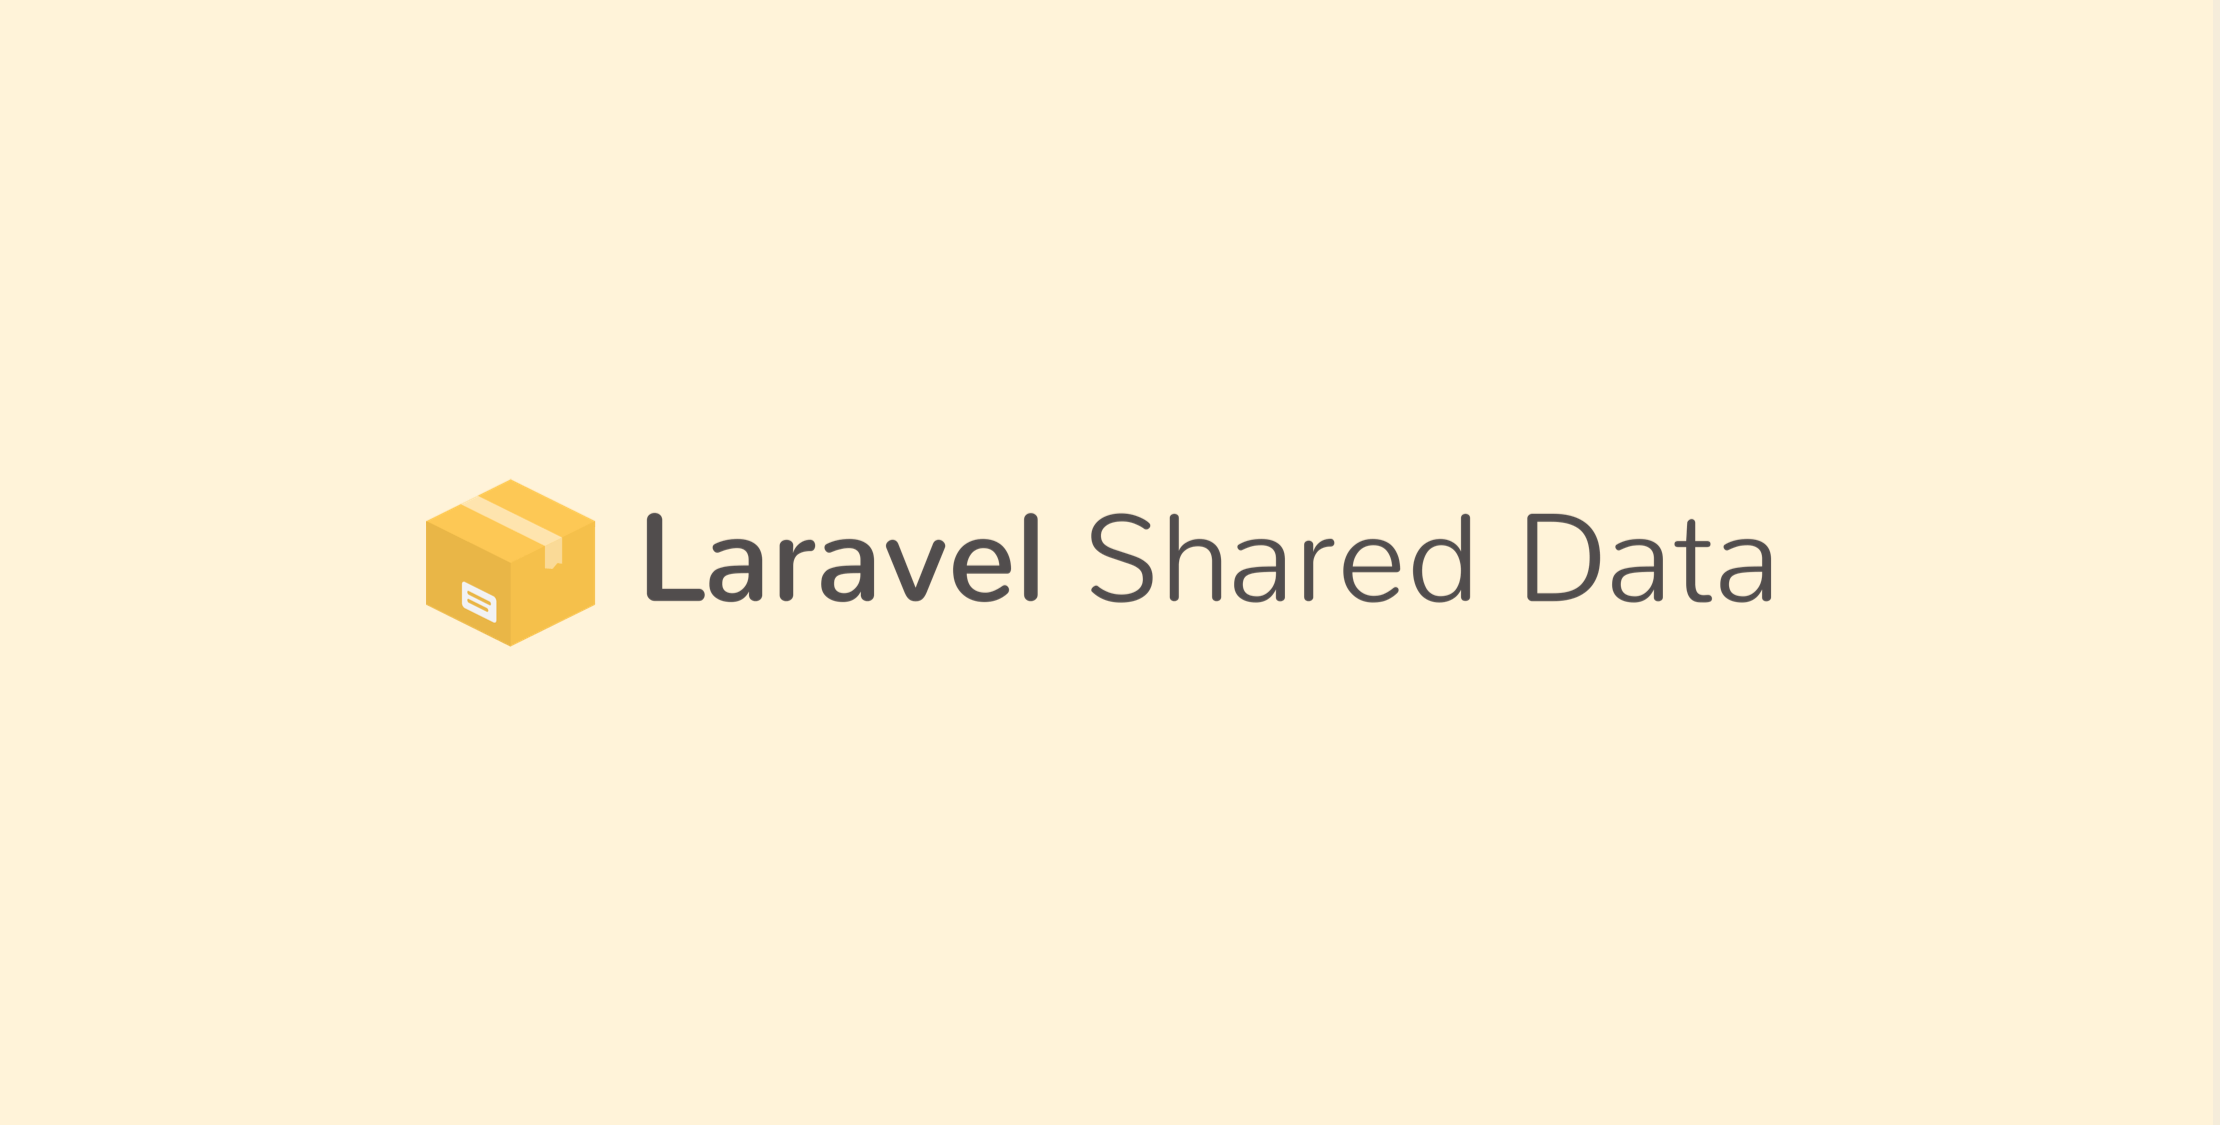 اشتراک داده ها بین لاراول و جاوااسکریپت